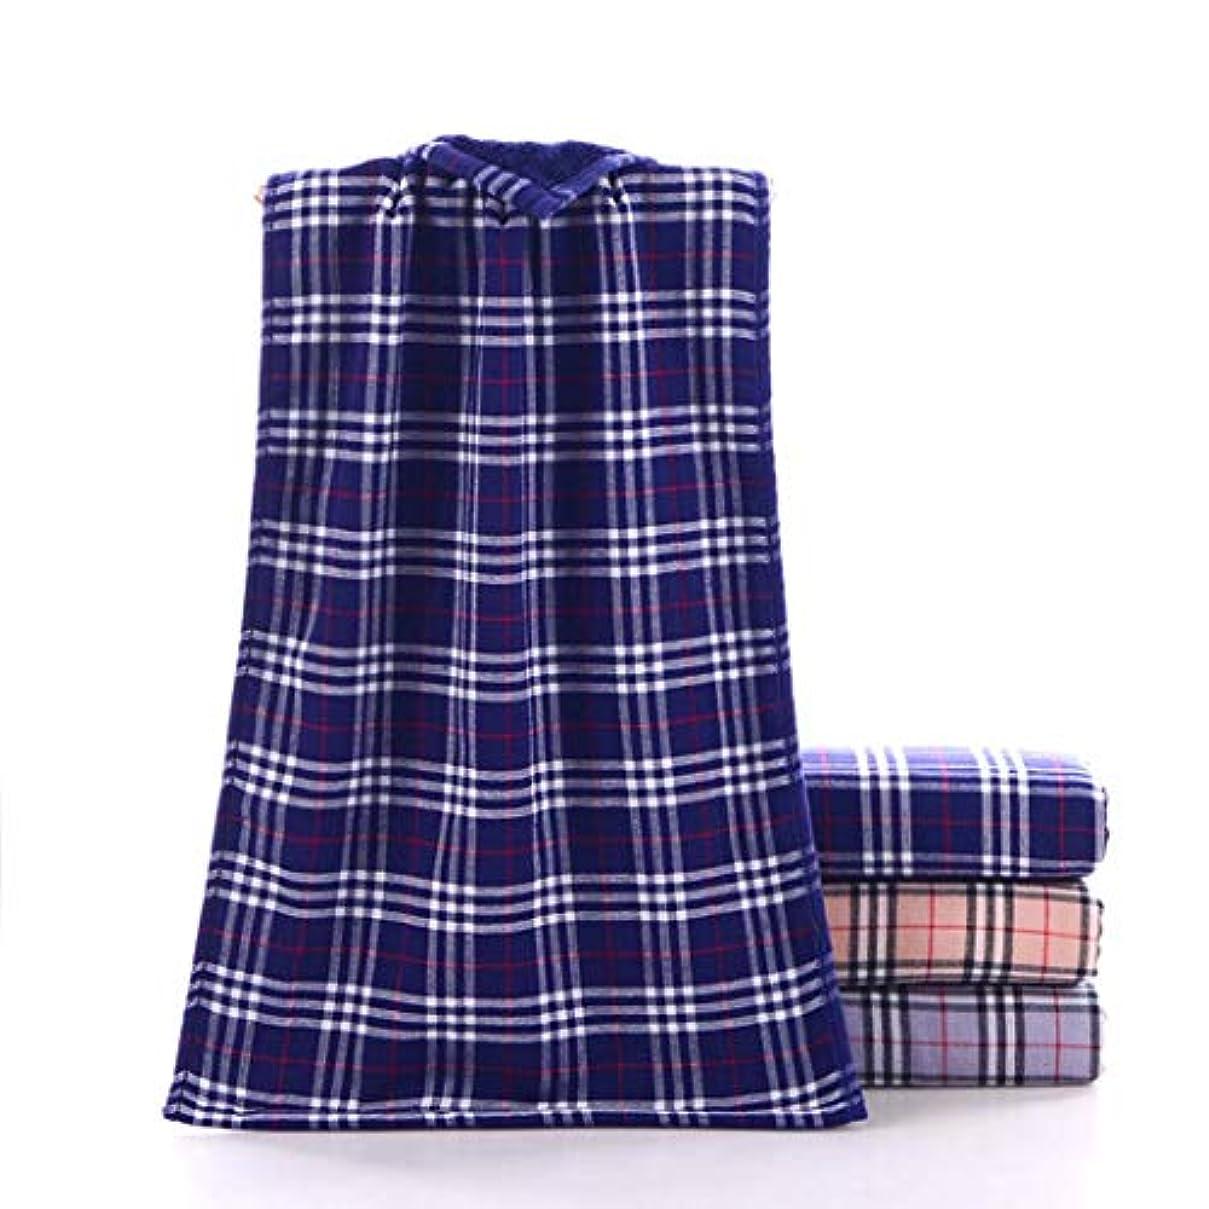 夢中シルエット服を着るコットンハンドタオル非常に柔らかく、吸収性があり、毎日,Blue,34*75cm